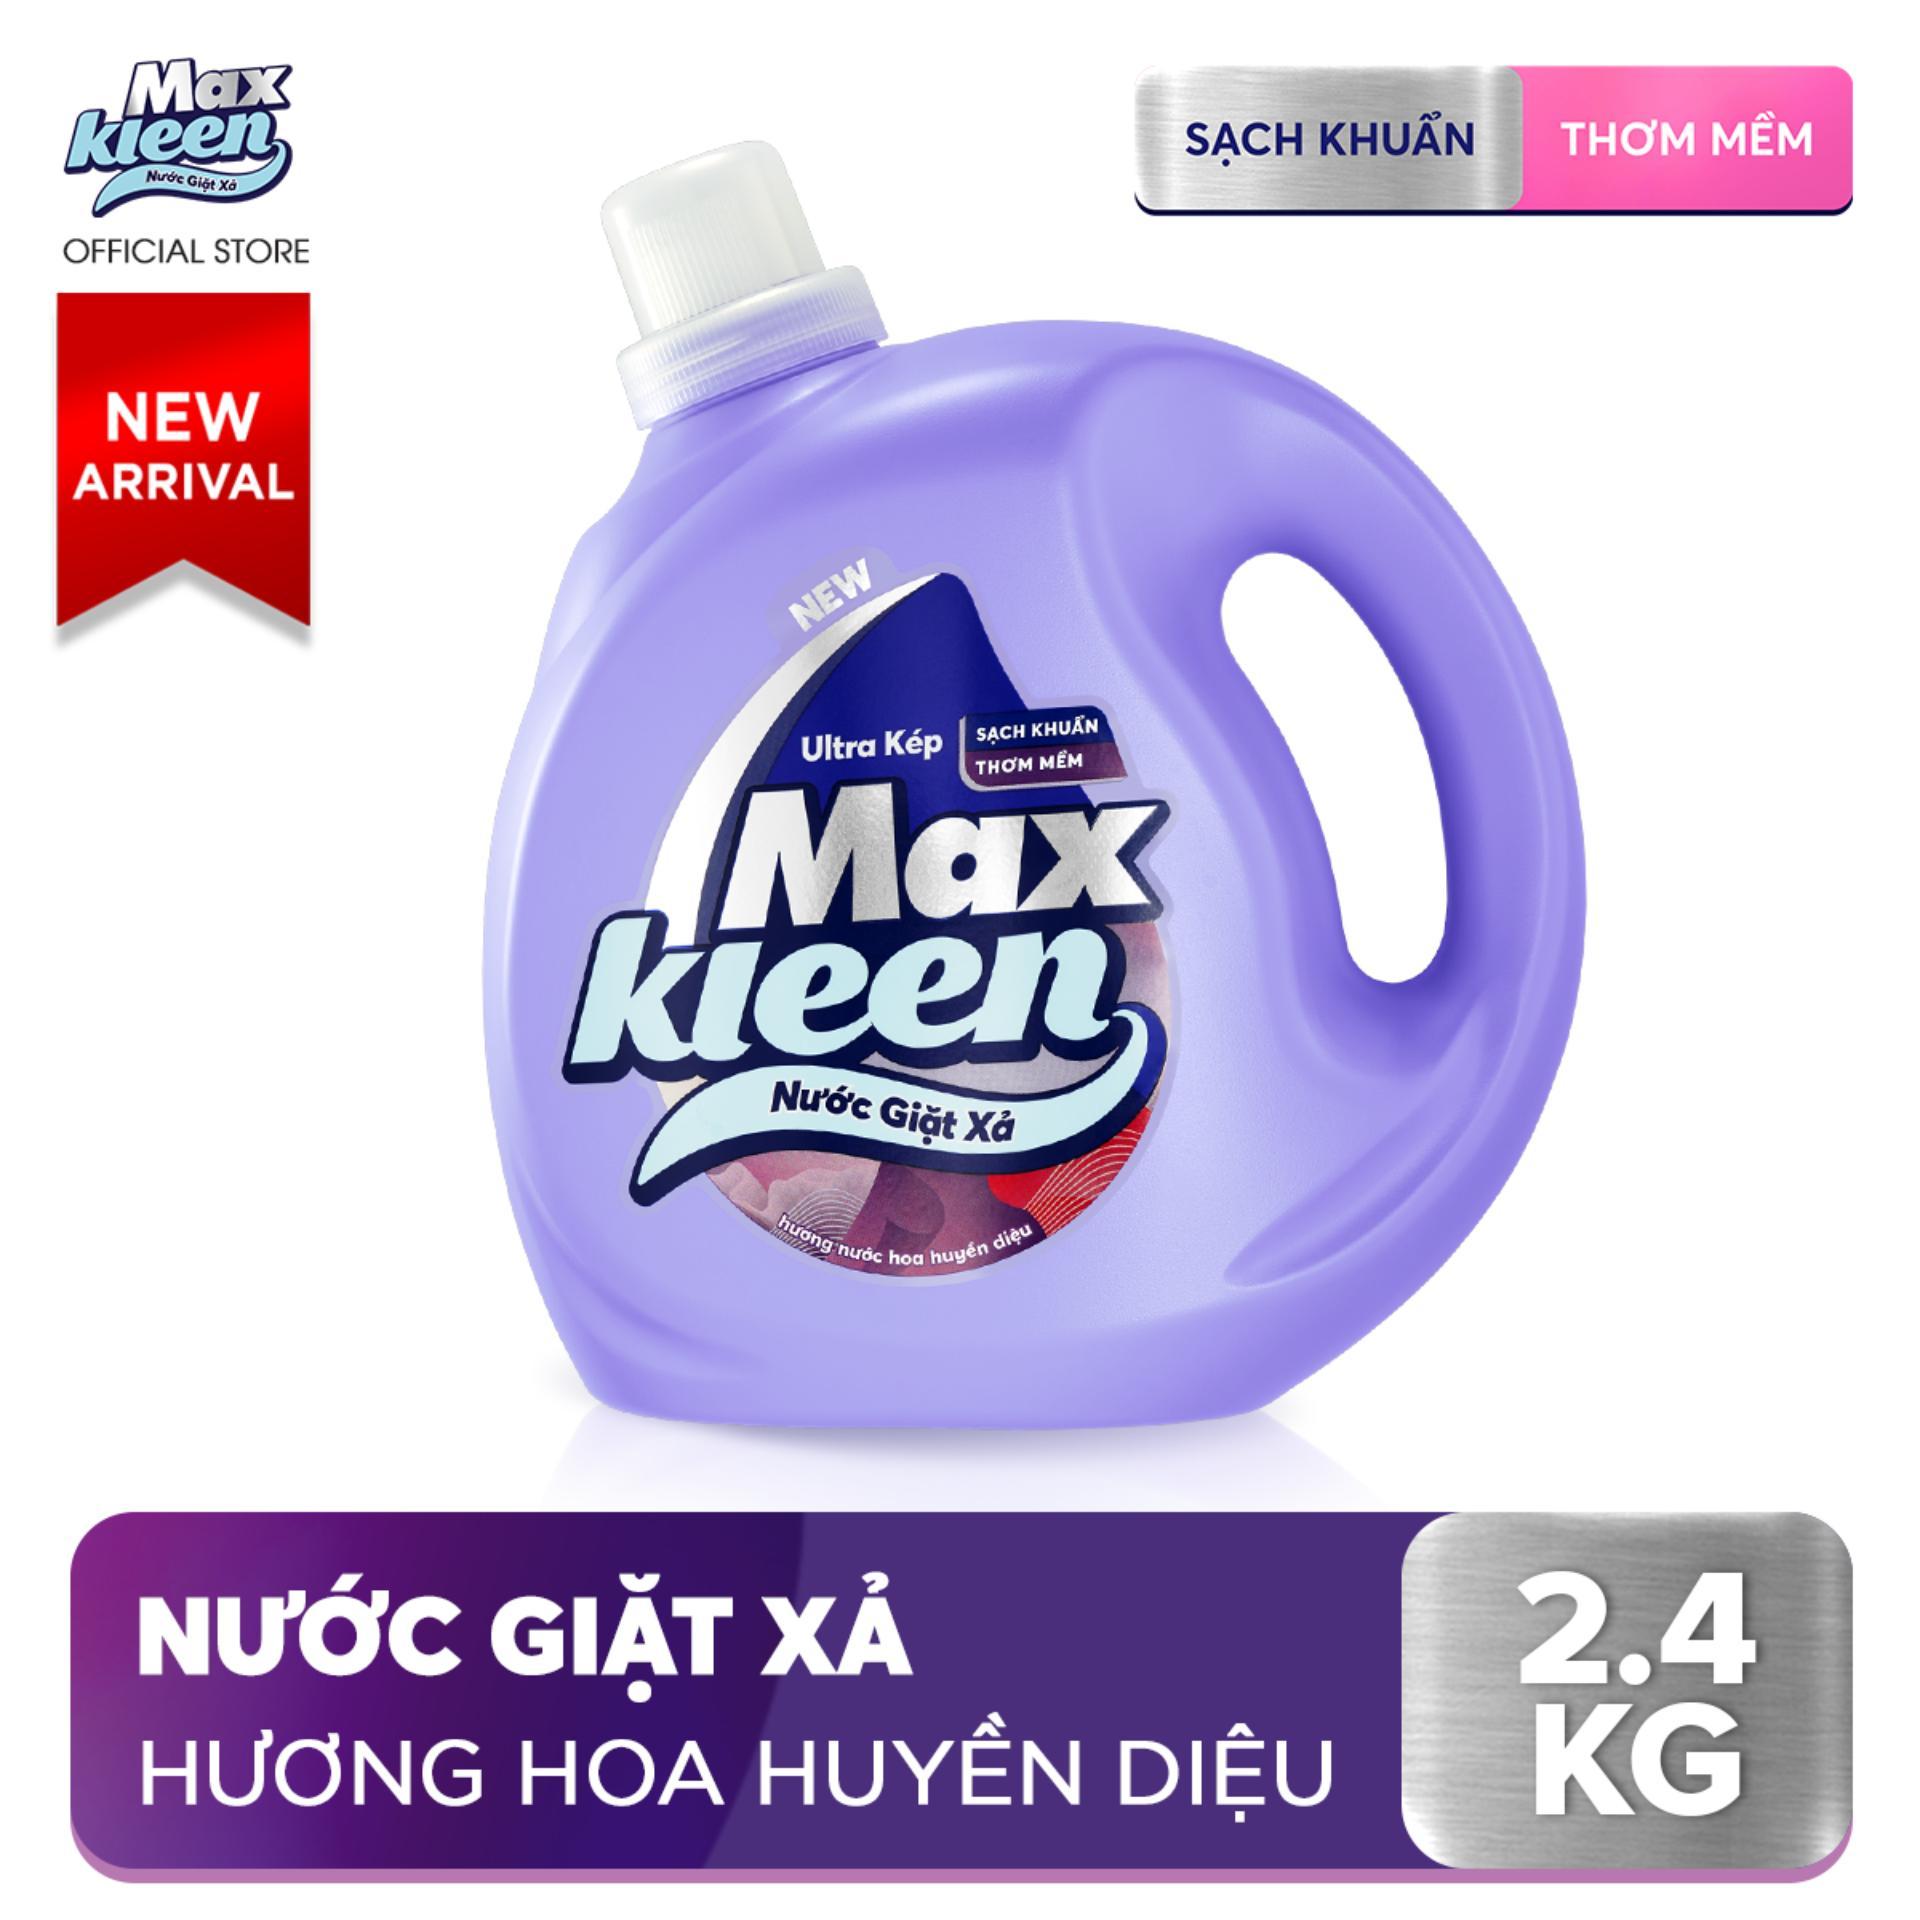 Chai Nước Giặt Xả Maxkleen Hương Nước Hoa Huyền Diệu (2.4kg)